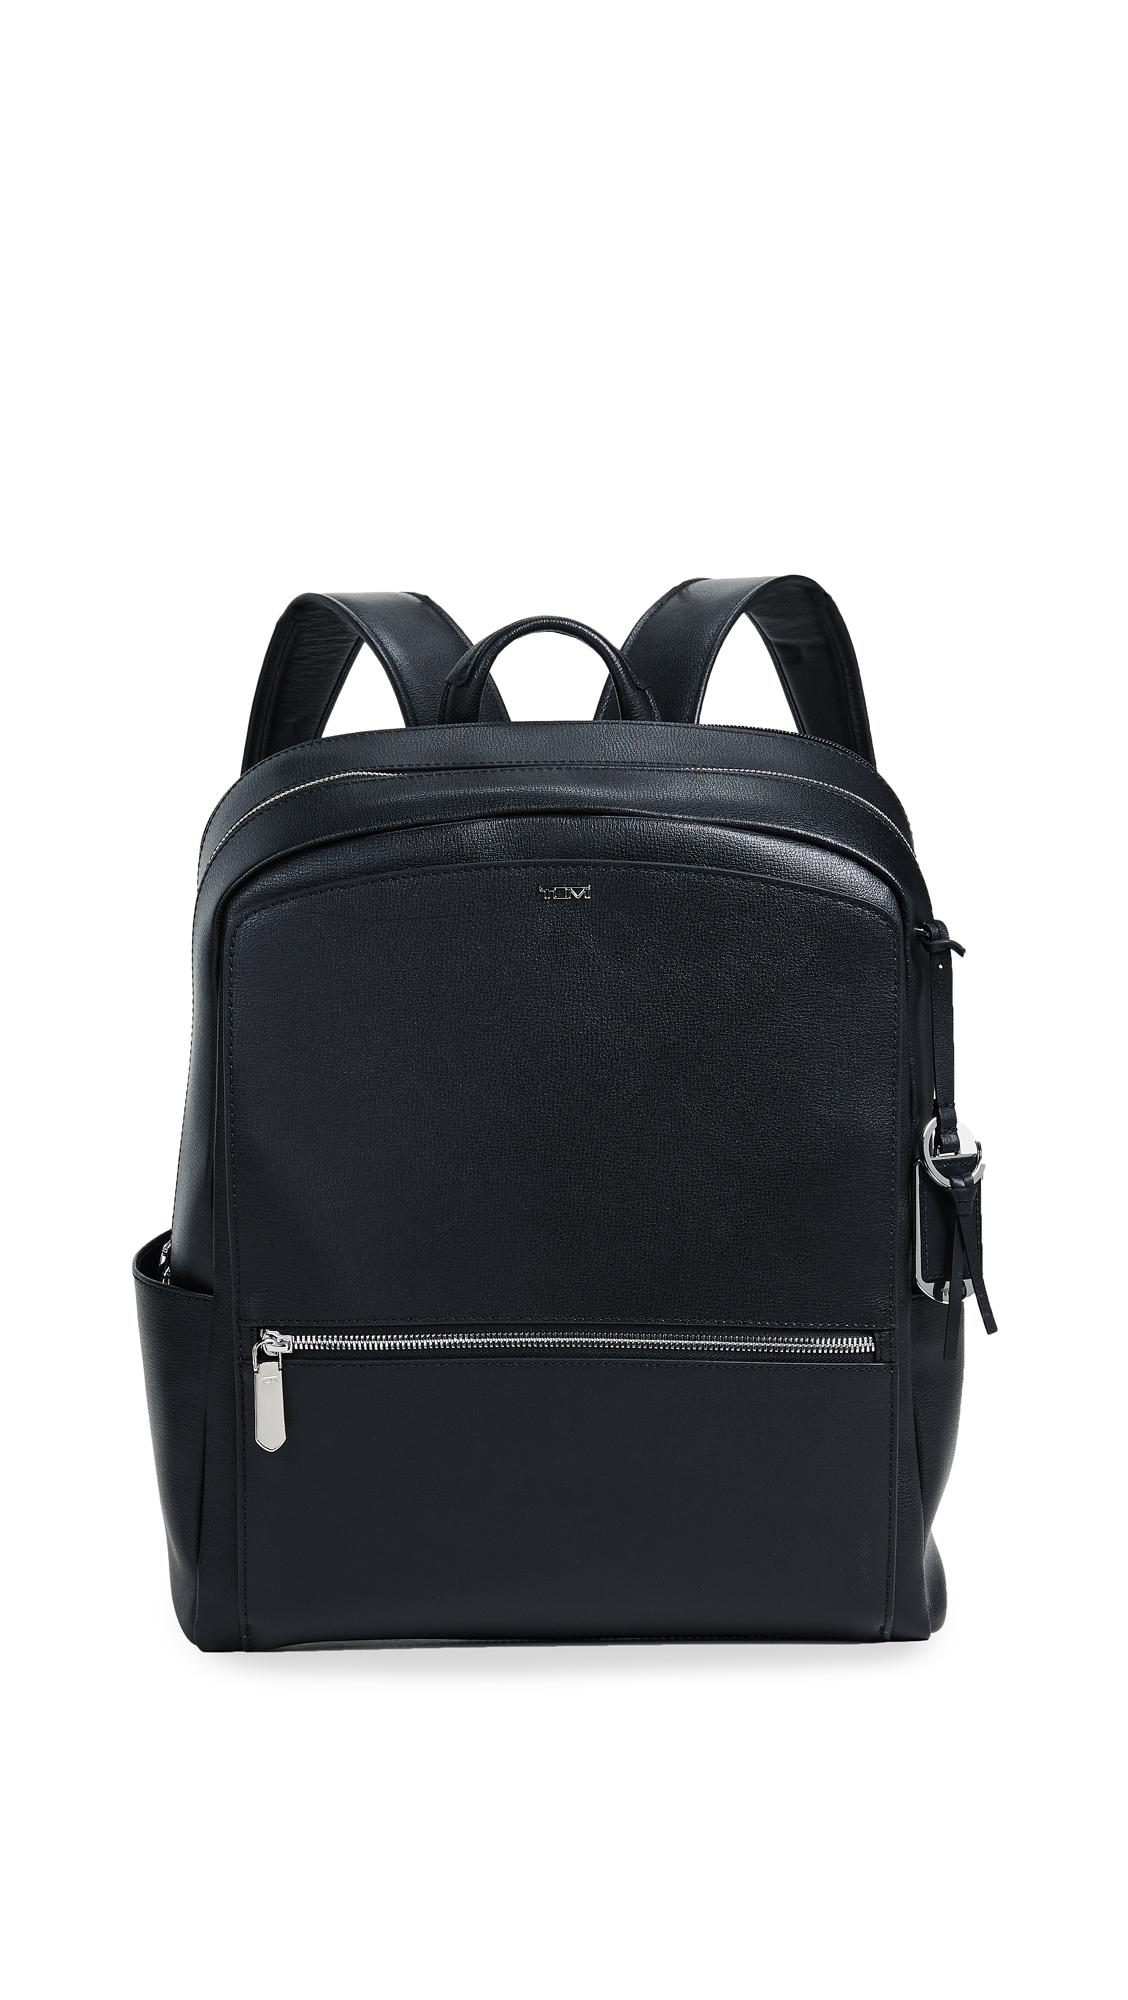 Tumi Becca Backpack - Black